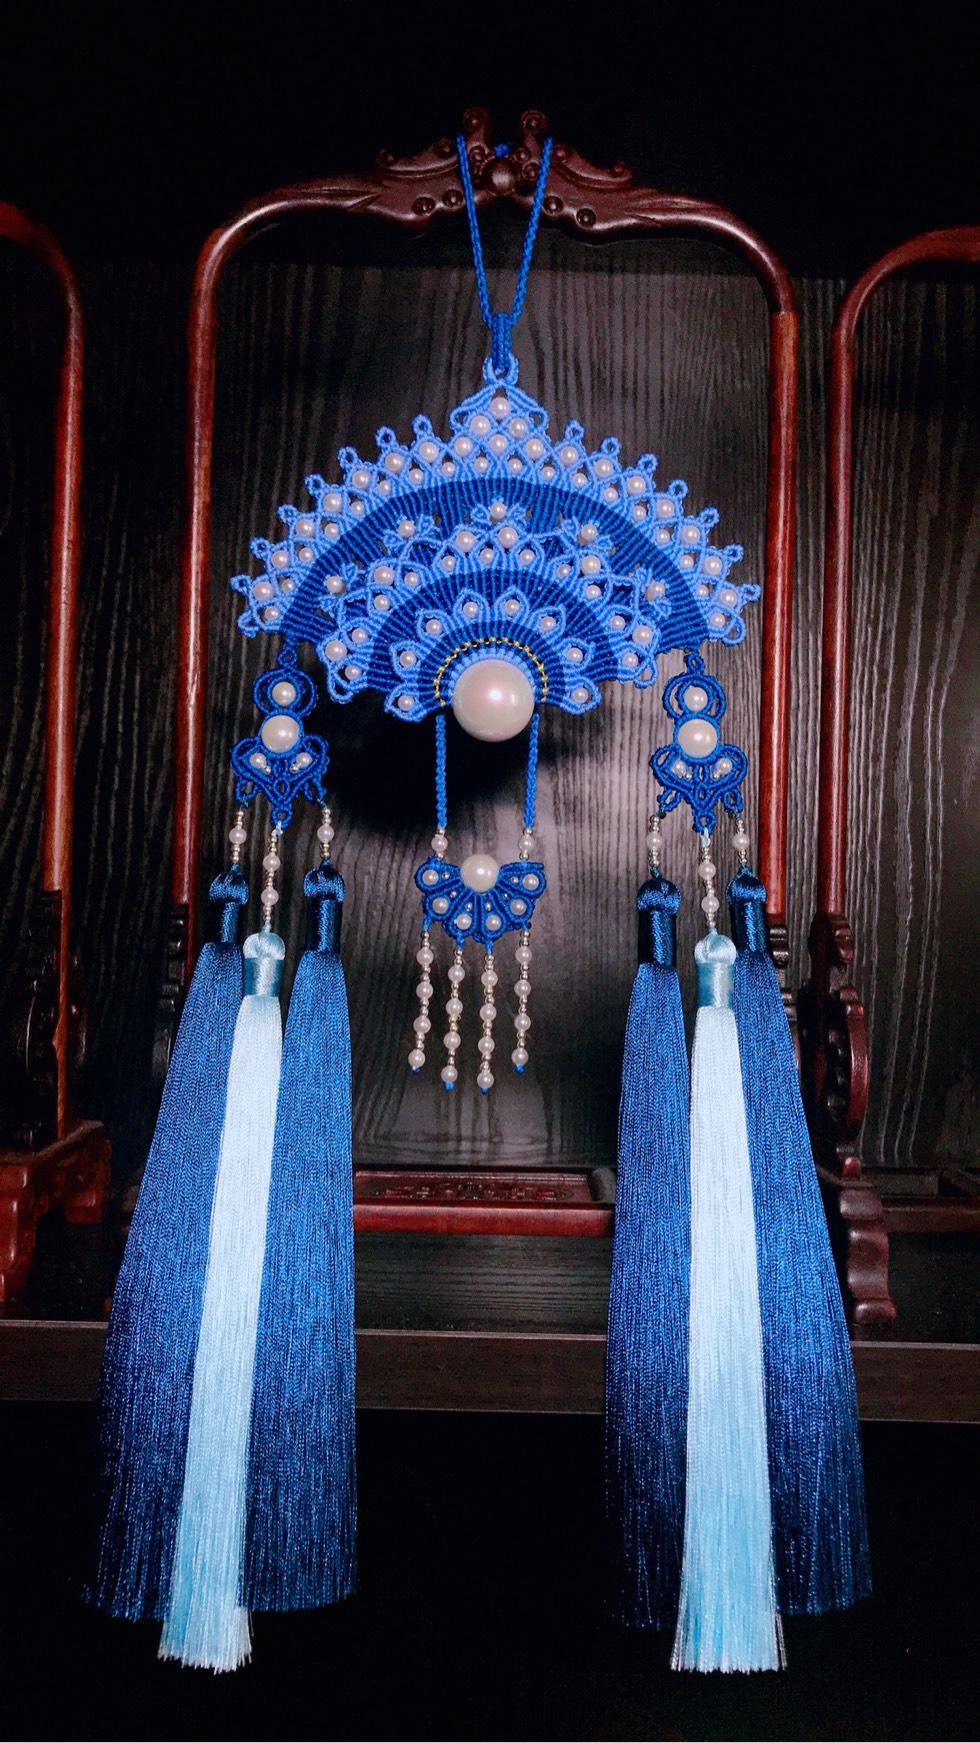 中国结论坛 复试霞黛和浮雕芙蕖结合 汪芙蕖是谁,夜芙蕖,芙蕖花,白芙蕖 作品展示 151058mztd0k14tf1hp4k4